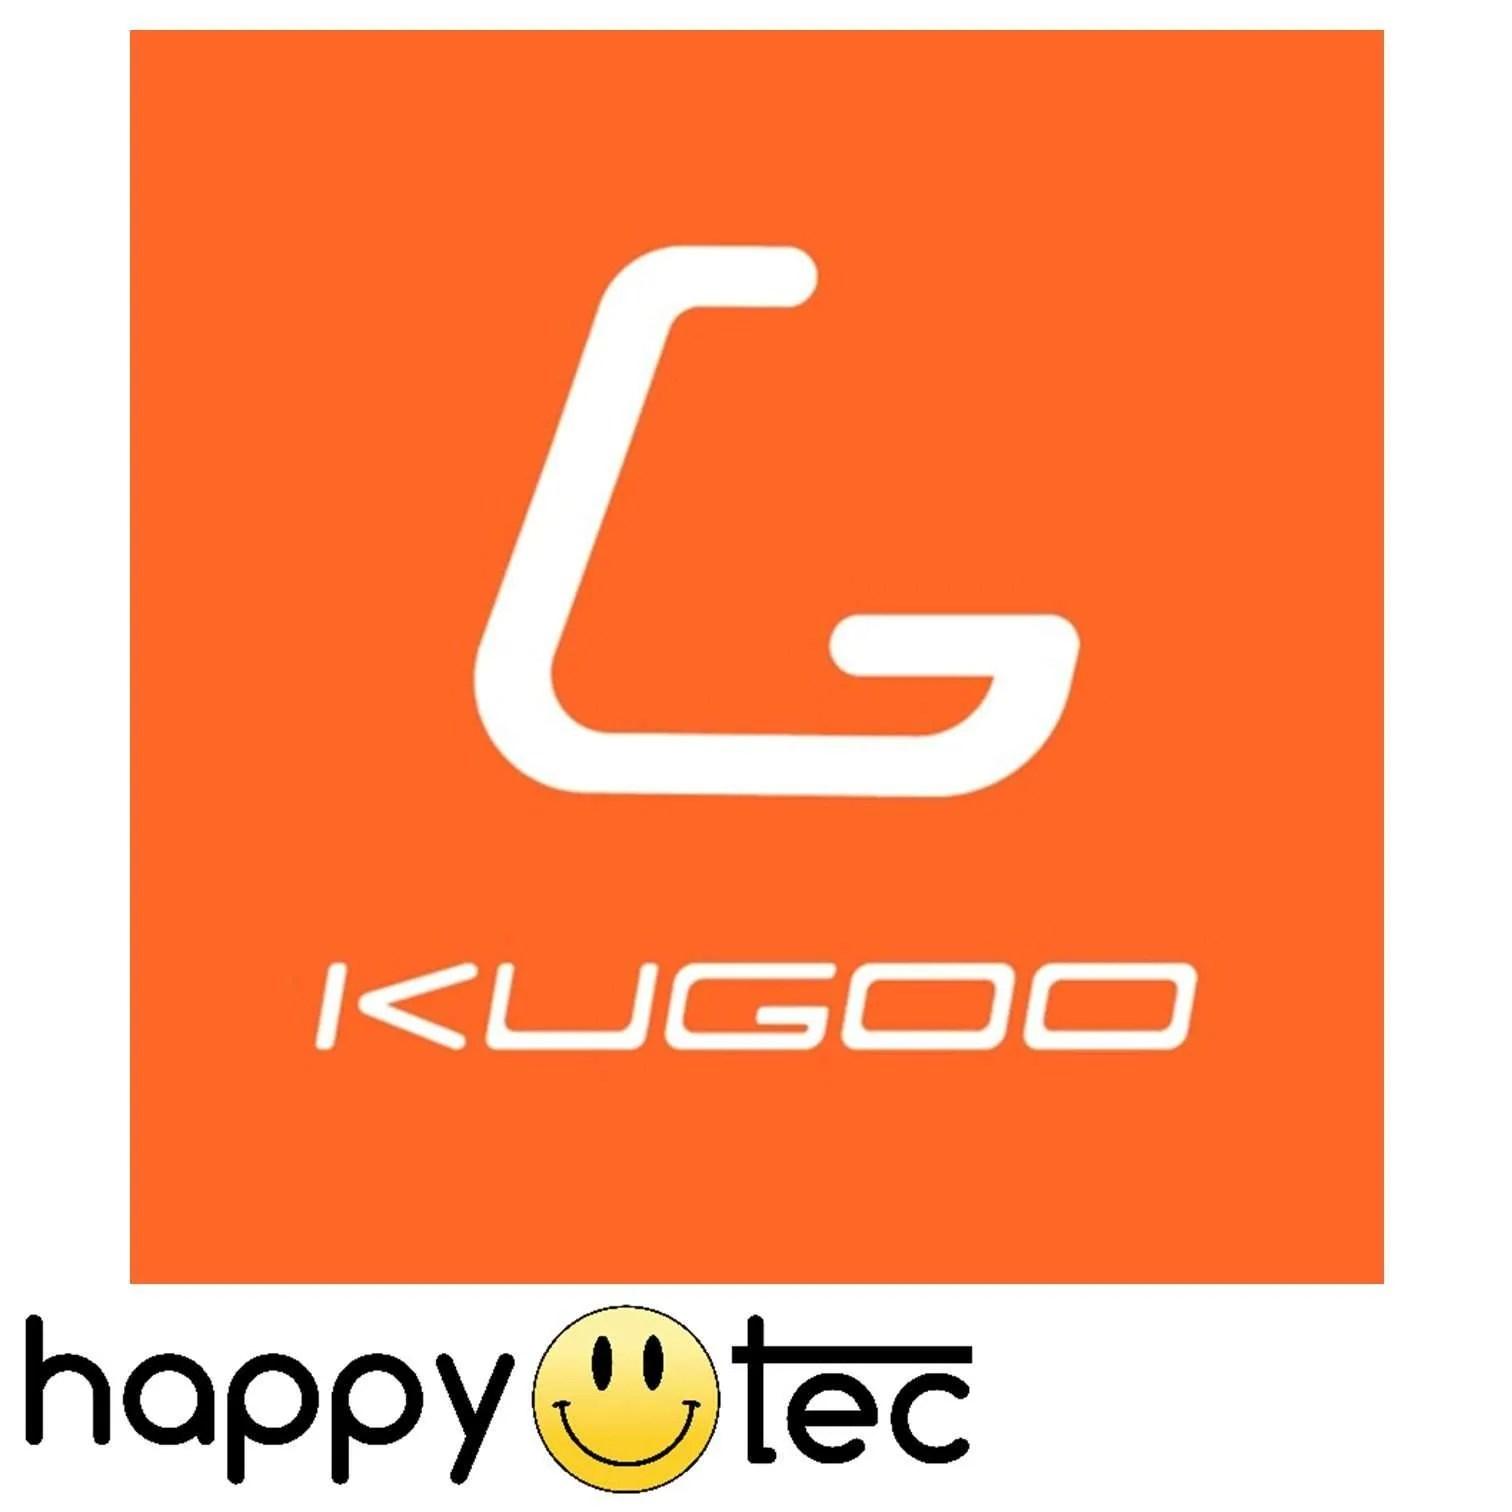 Kugoo-Logo-categoria-1 ricambi accessori riparazione assistenza tecnica monopattini elettrici monorim